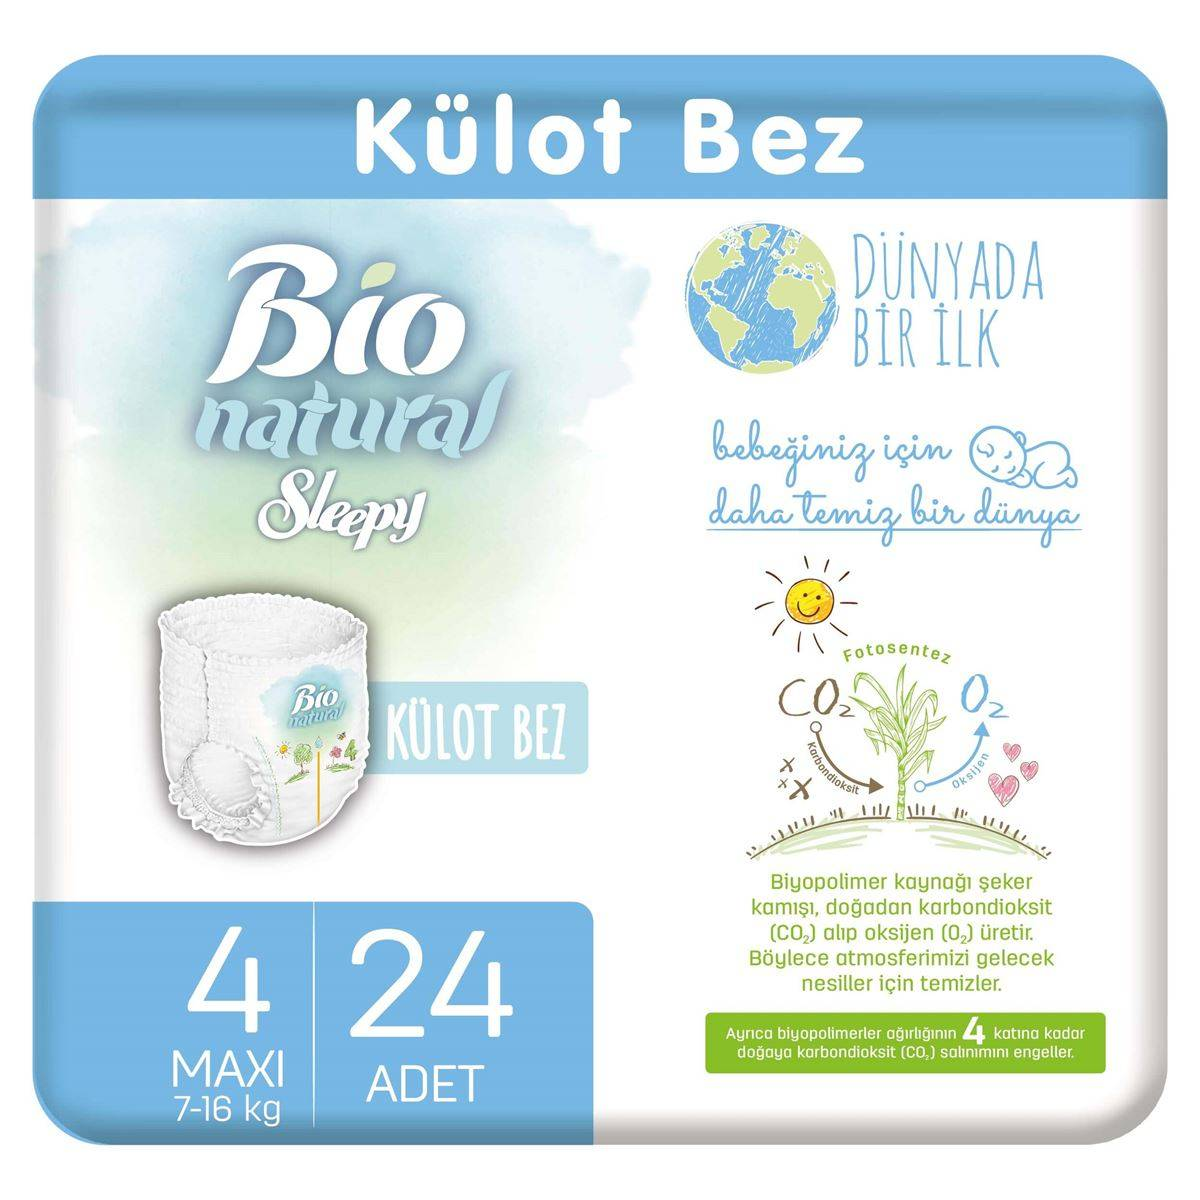 Bio Natural Külot Bez 4 Numara Maxi 24 Adet